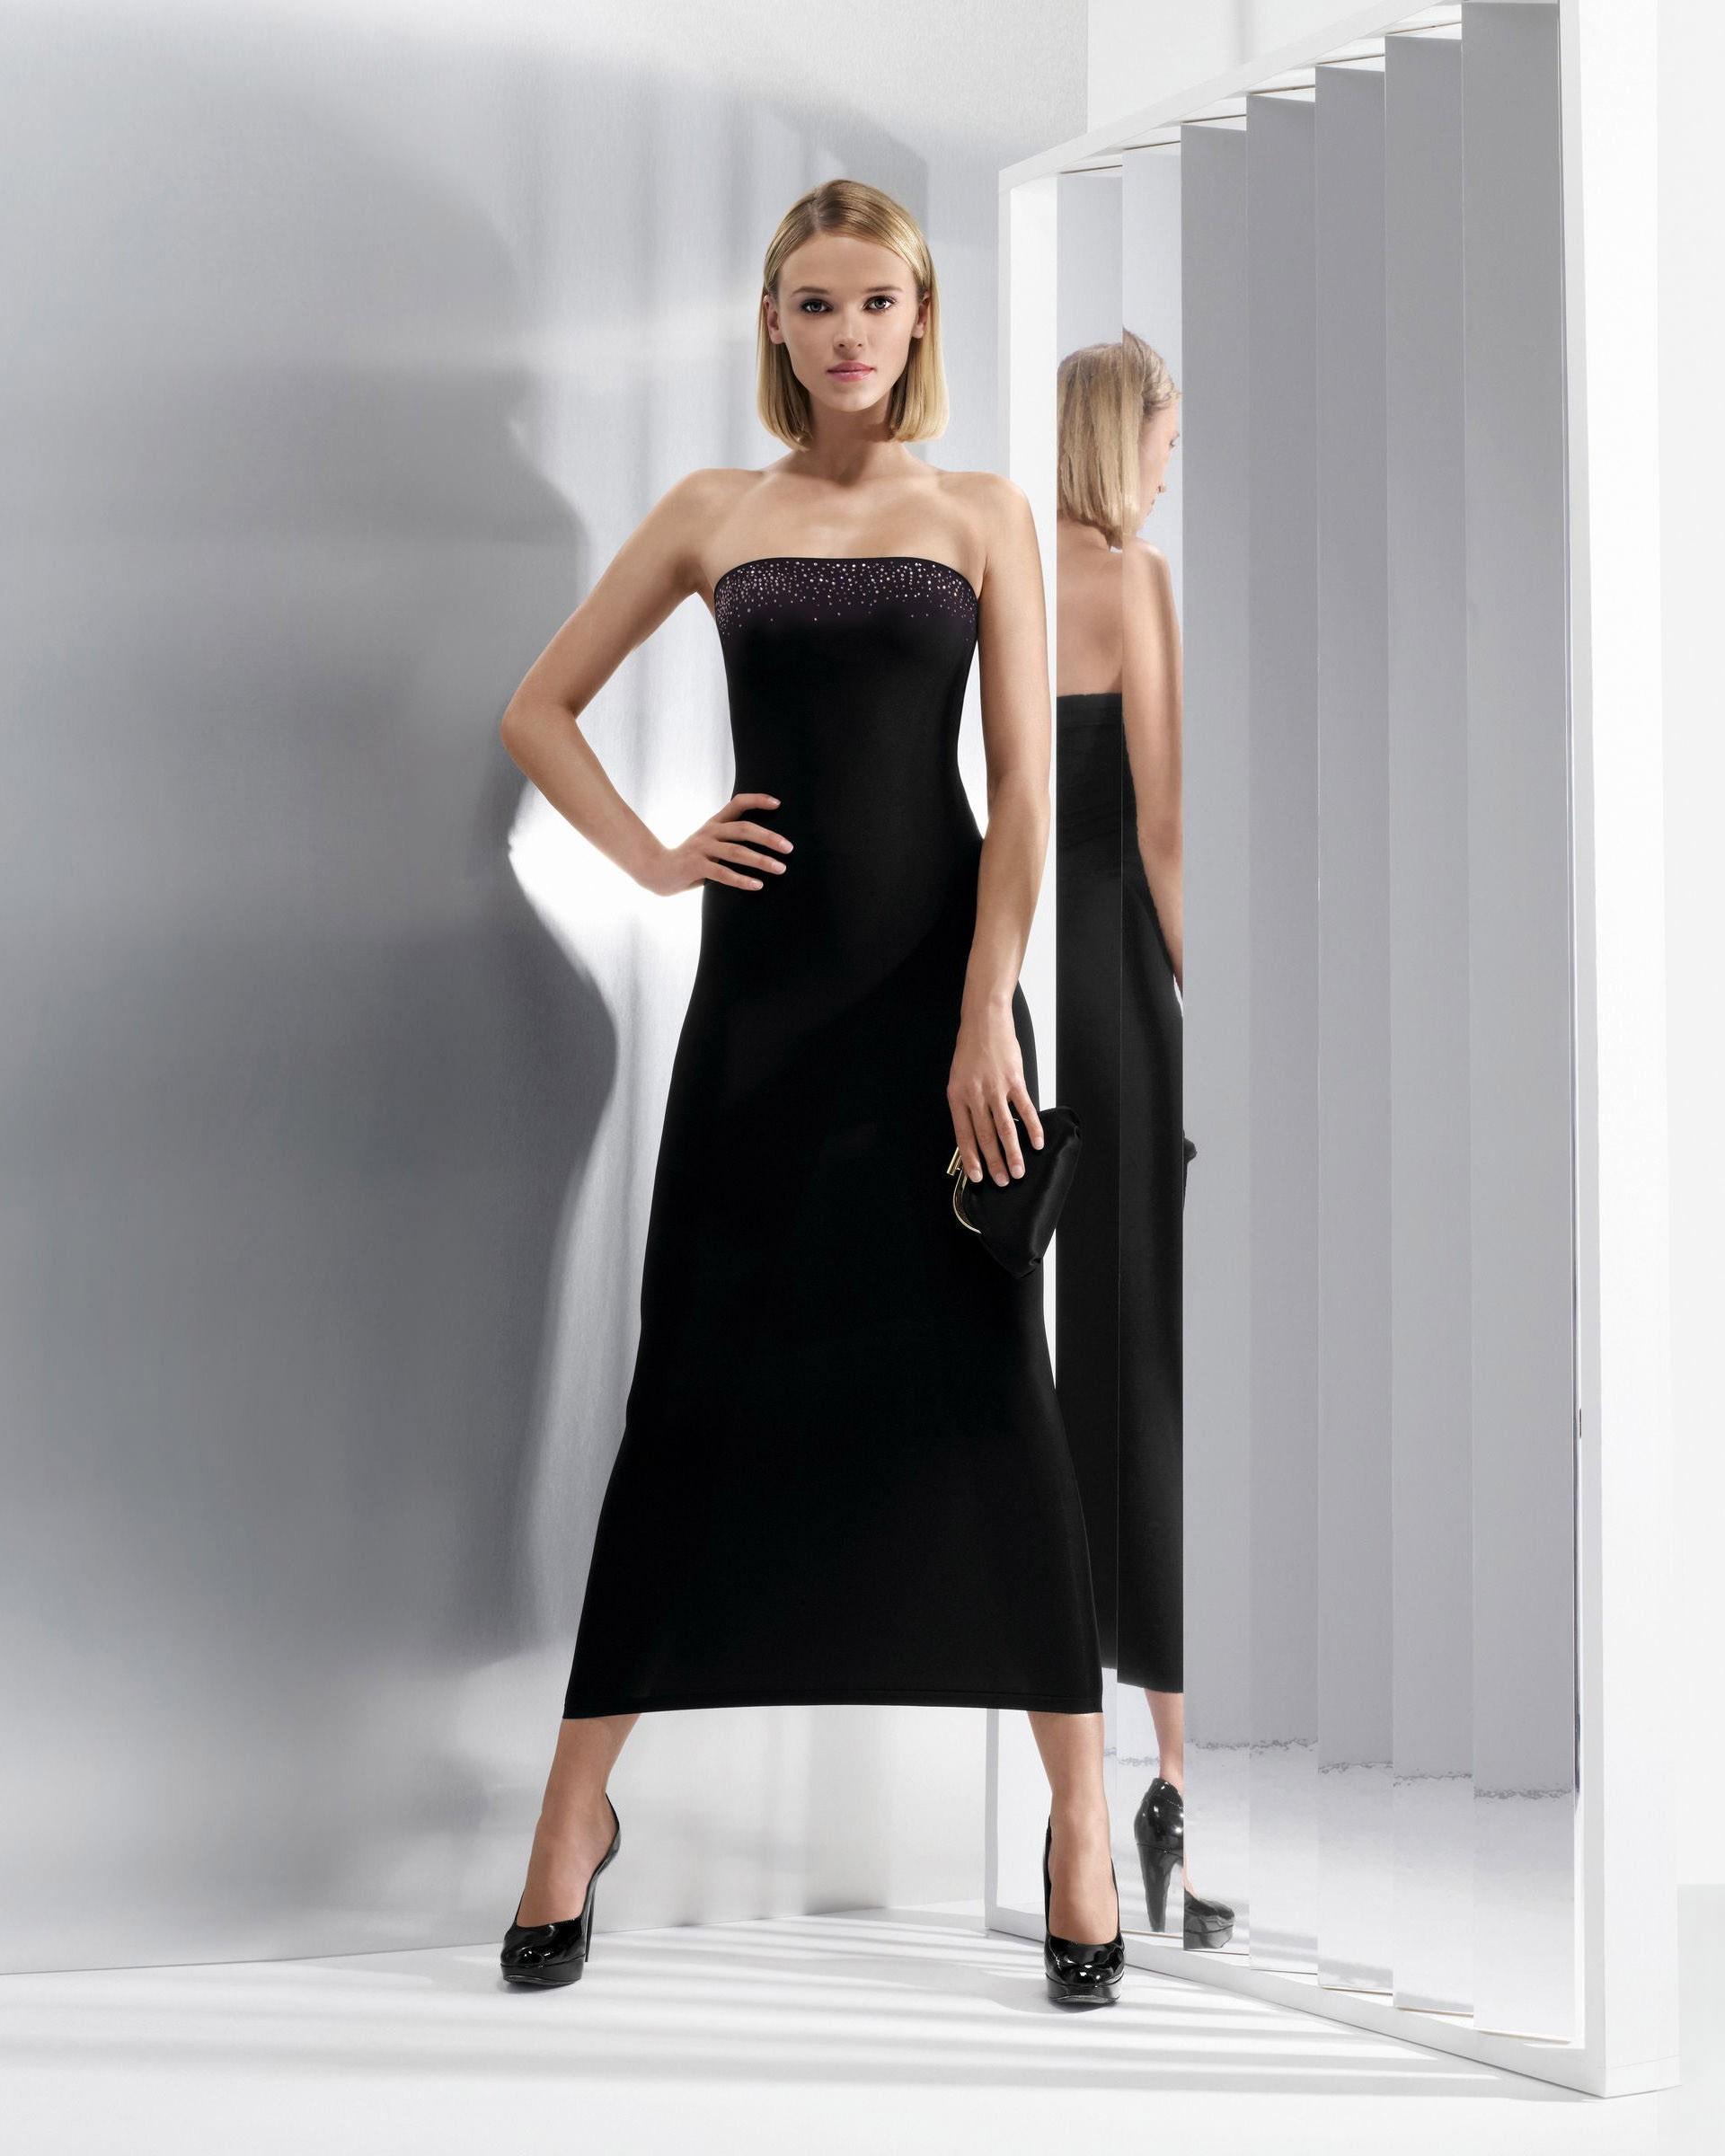 Hintergrundbilder : Frau, blond, Schwarzes Kleid, High Heels, Mode ...